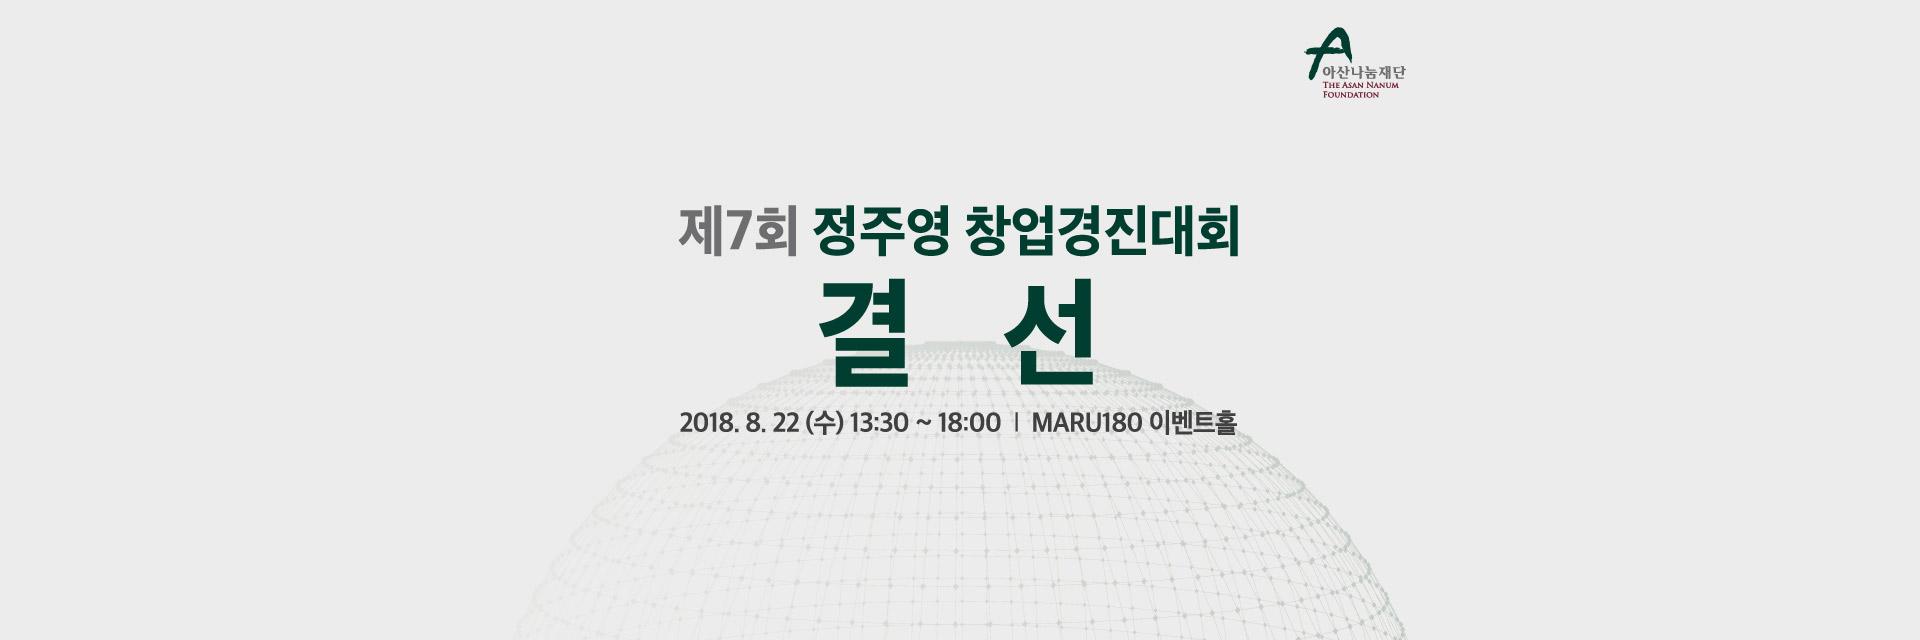 서울창조경제 데모데이